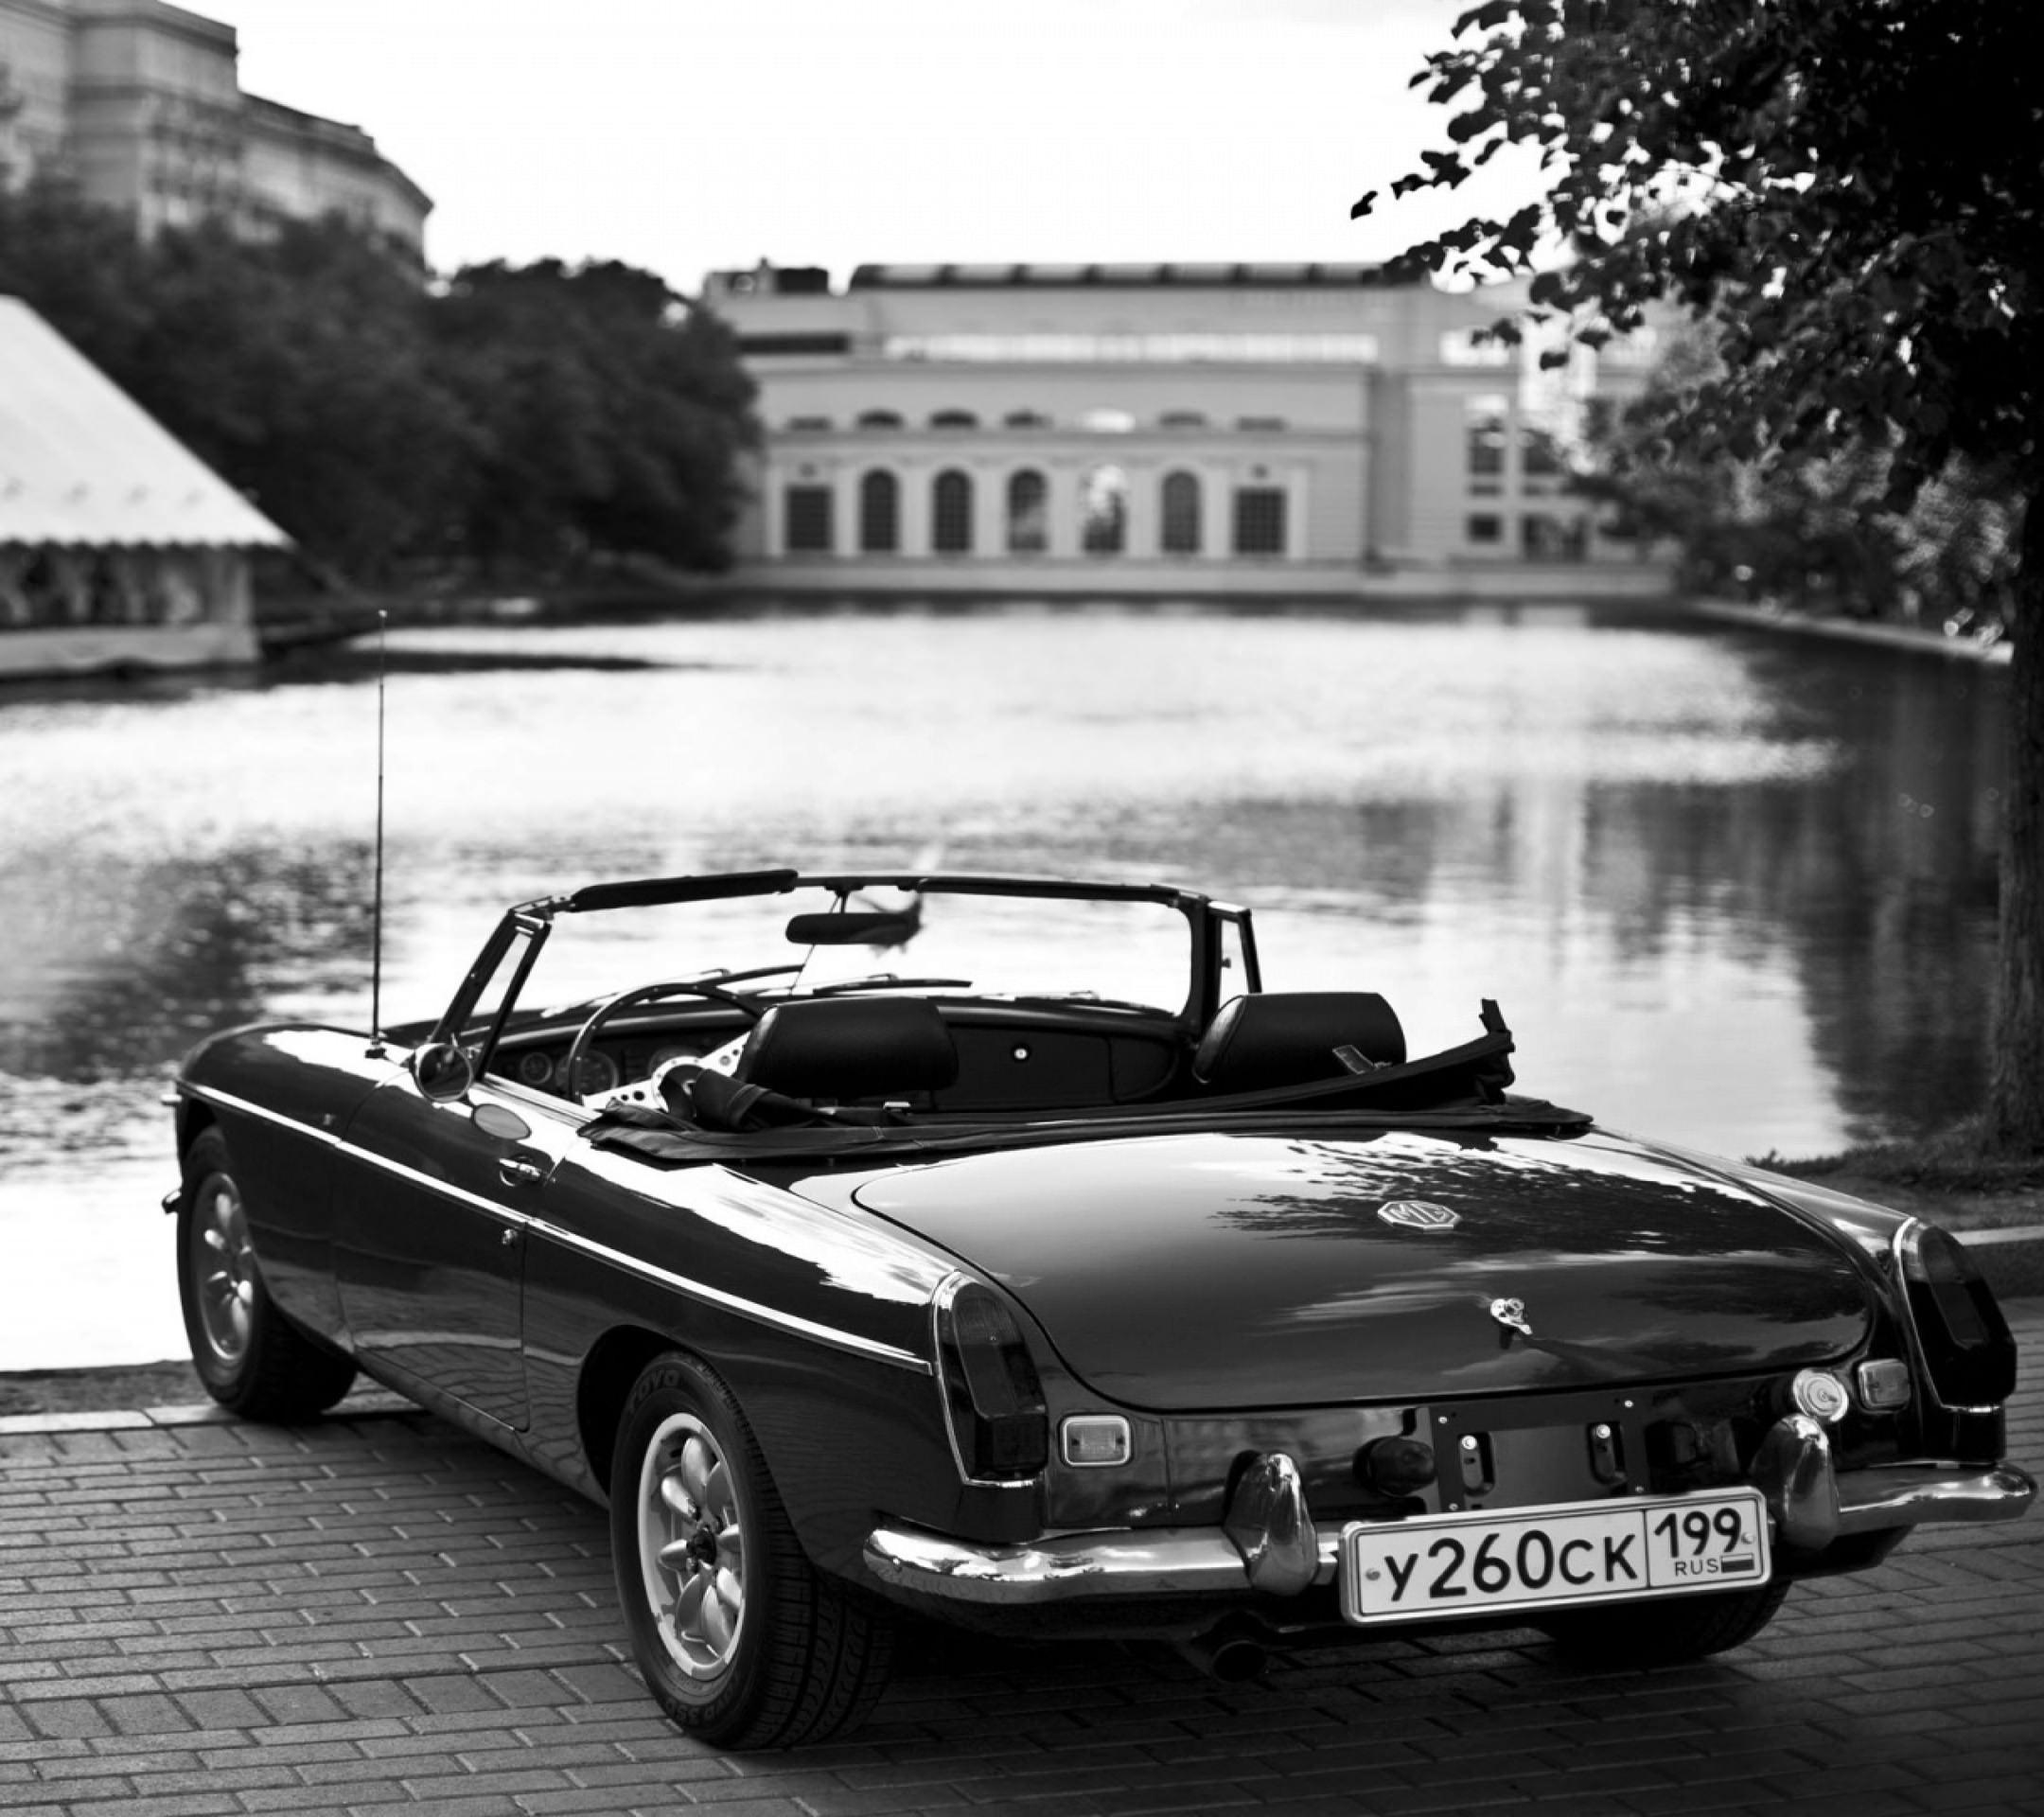 007 Wallpapers 007 Backgrounds 007 Images  Desktop Nexus